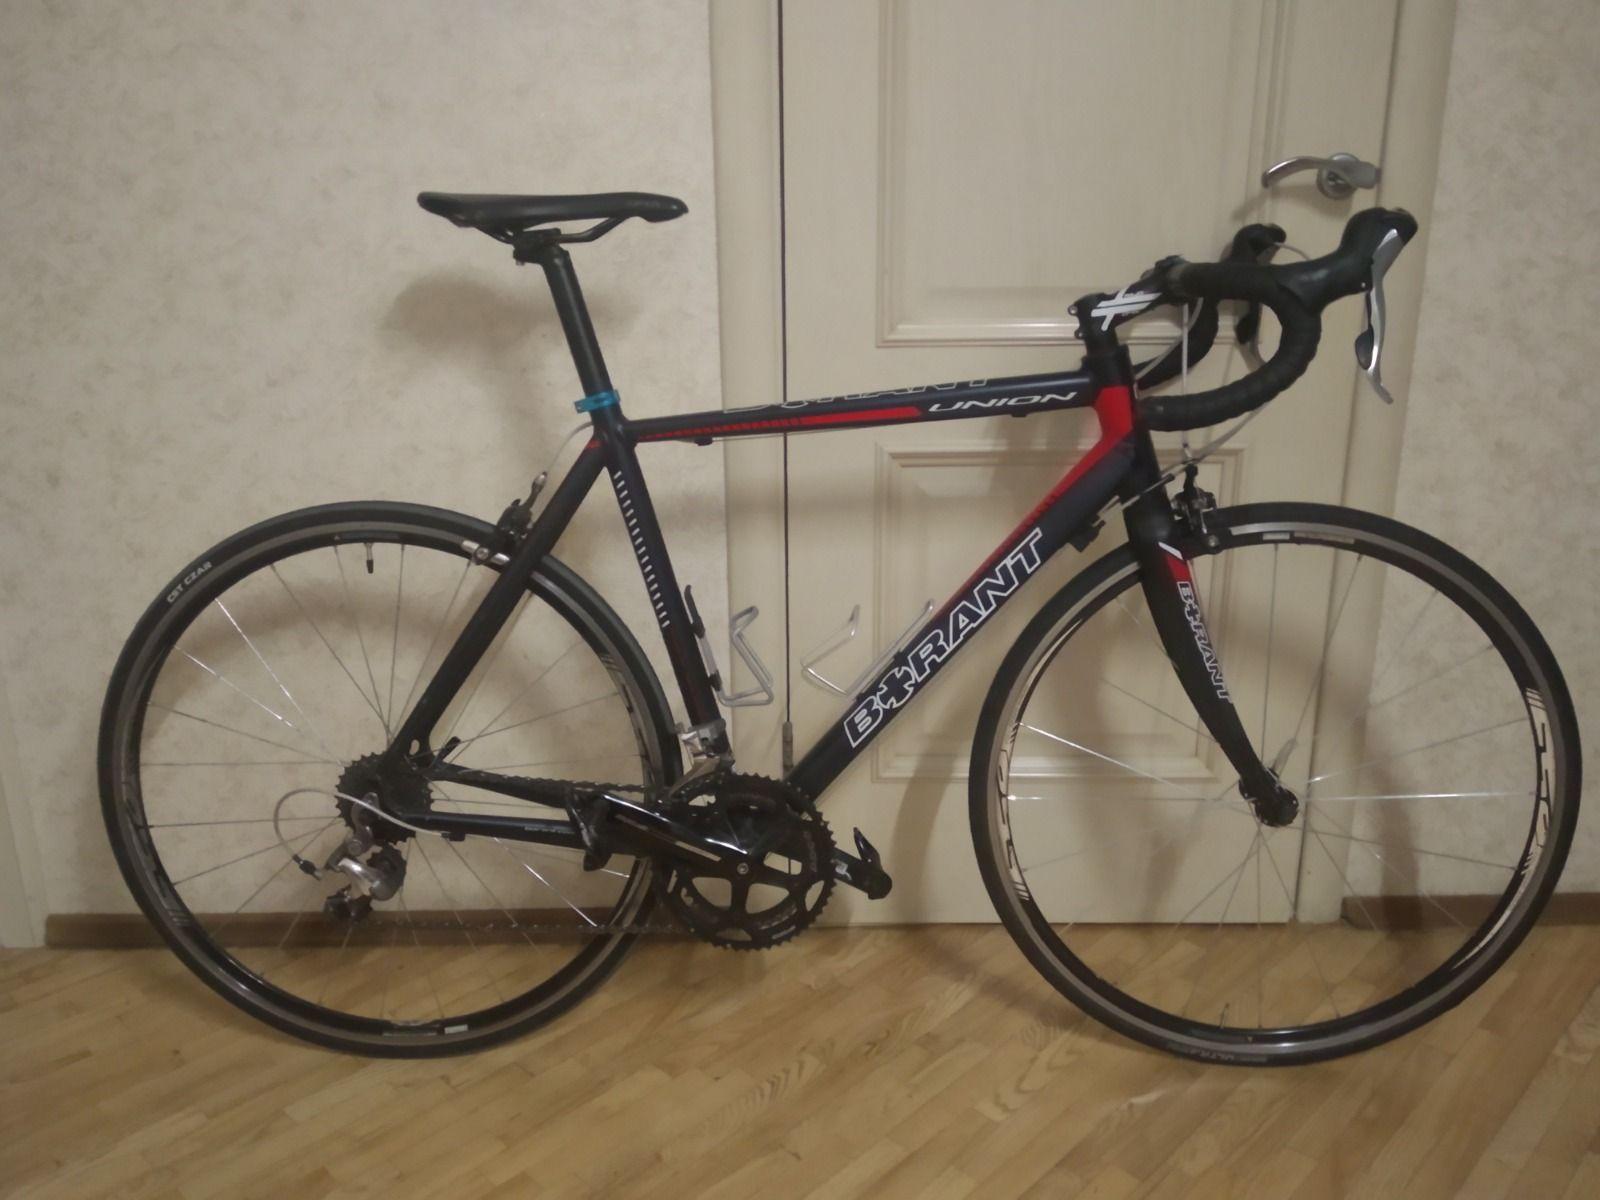 Велосипед borant в хорошем состоянии.